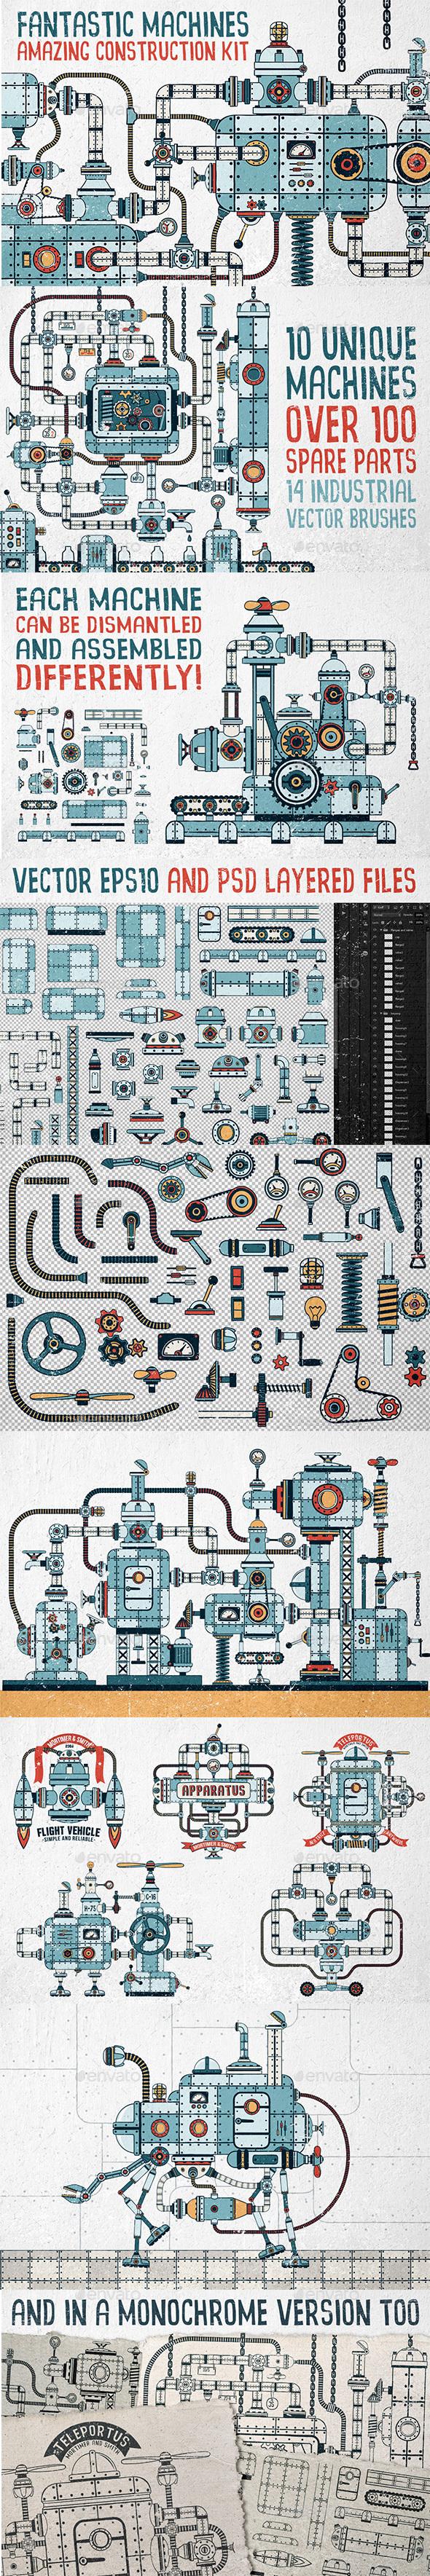 Fantastic Machines Construction Kit - Miscellaneous Vectors